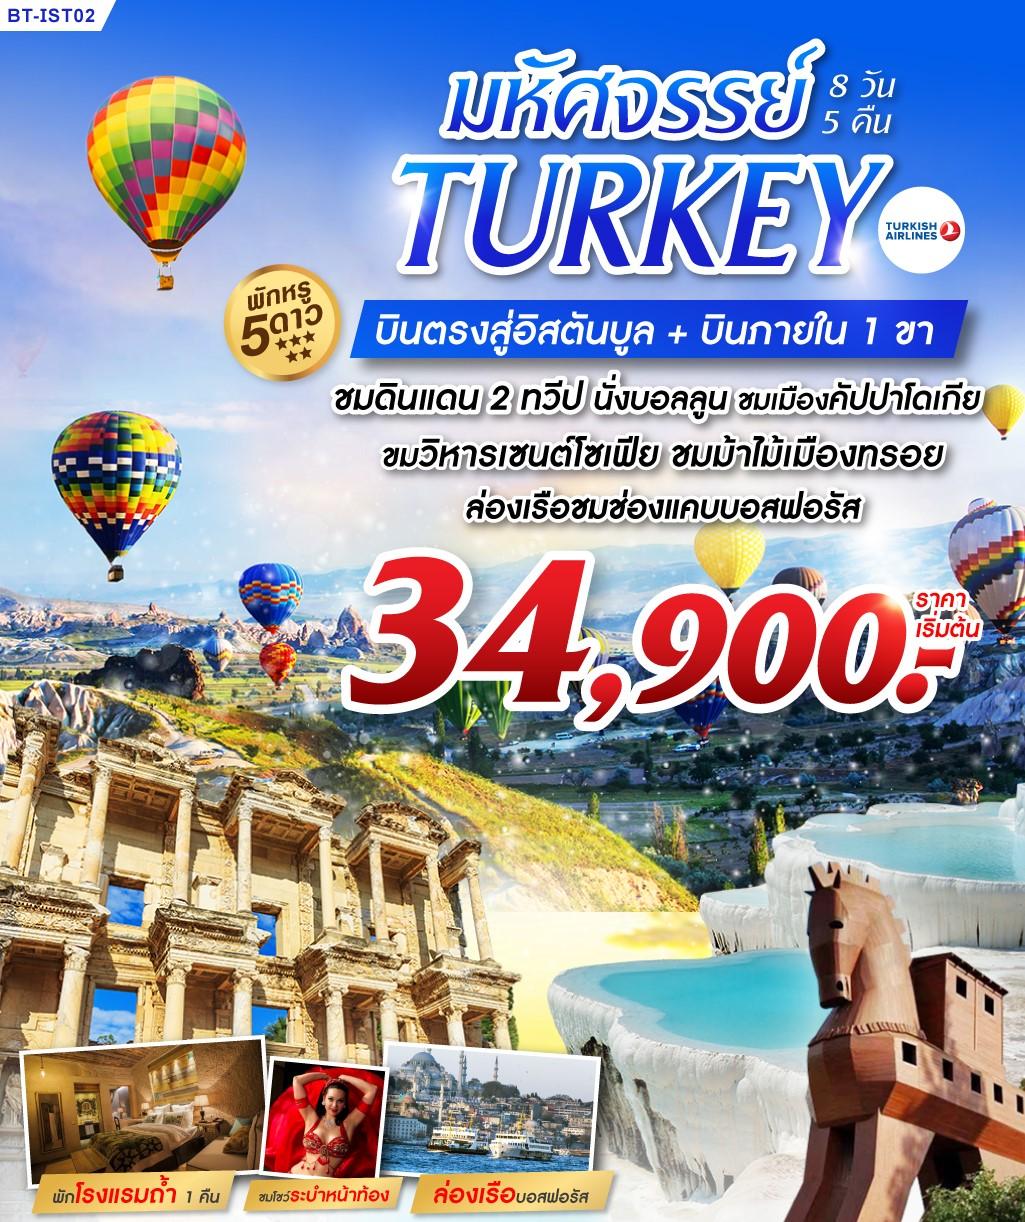 ทัวร์ตุรกี-มหัศจรรย์ตุรกี...บินภายใน-8วัน-5คืน-(MAY-JUN19)-BT-IST02